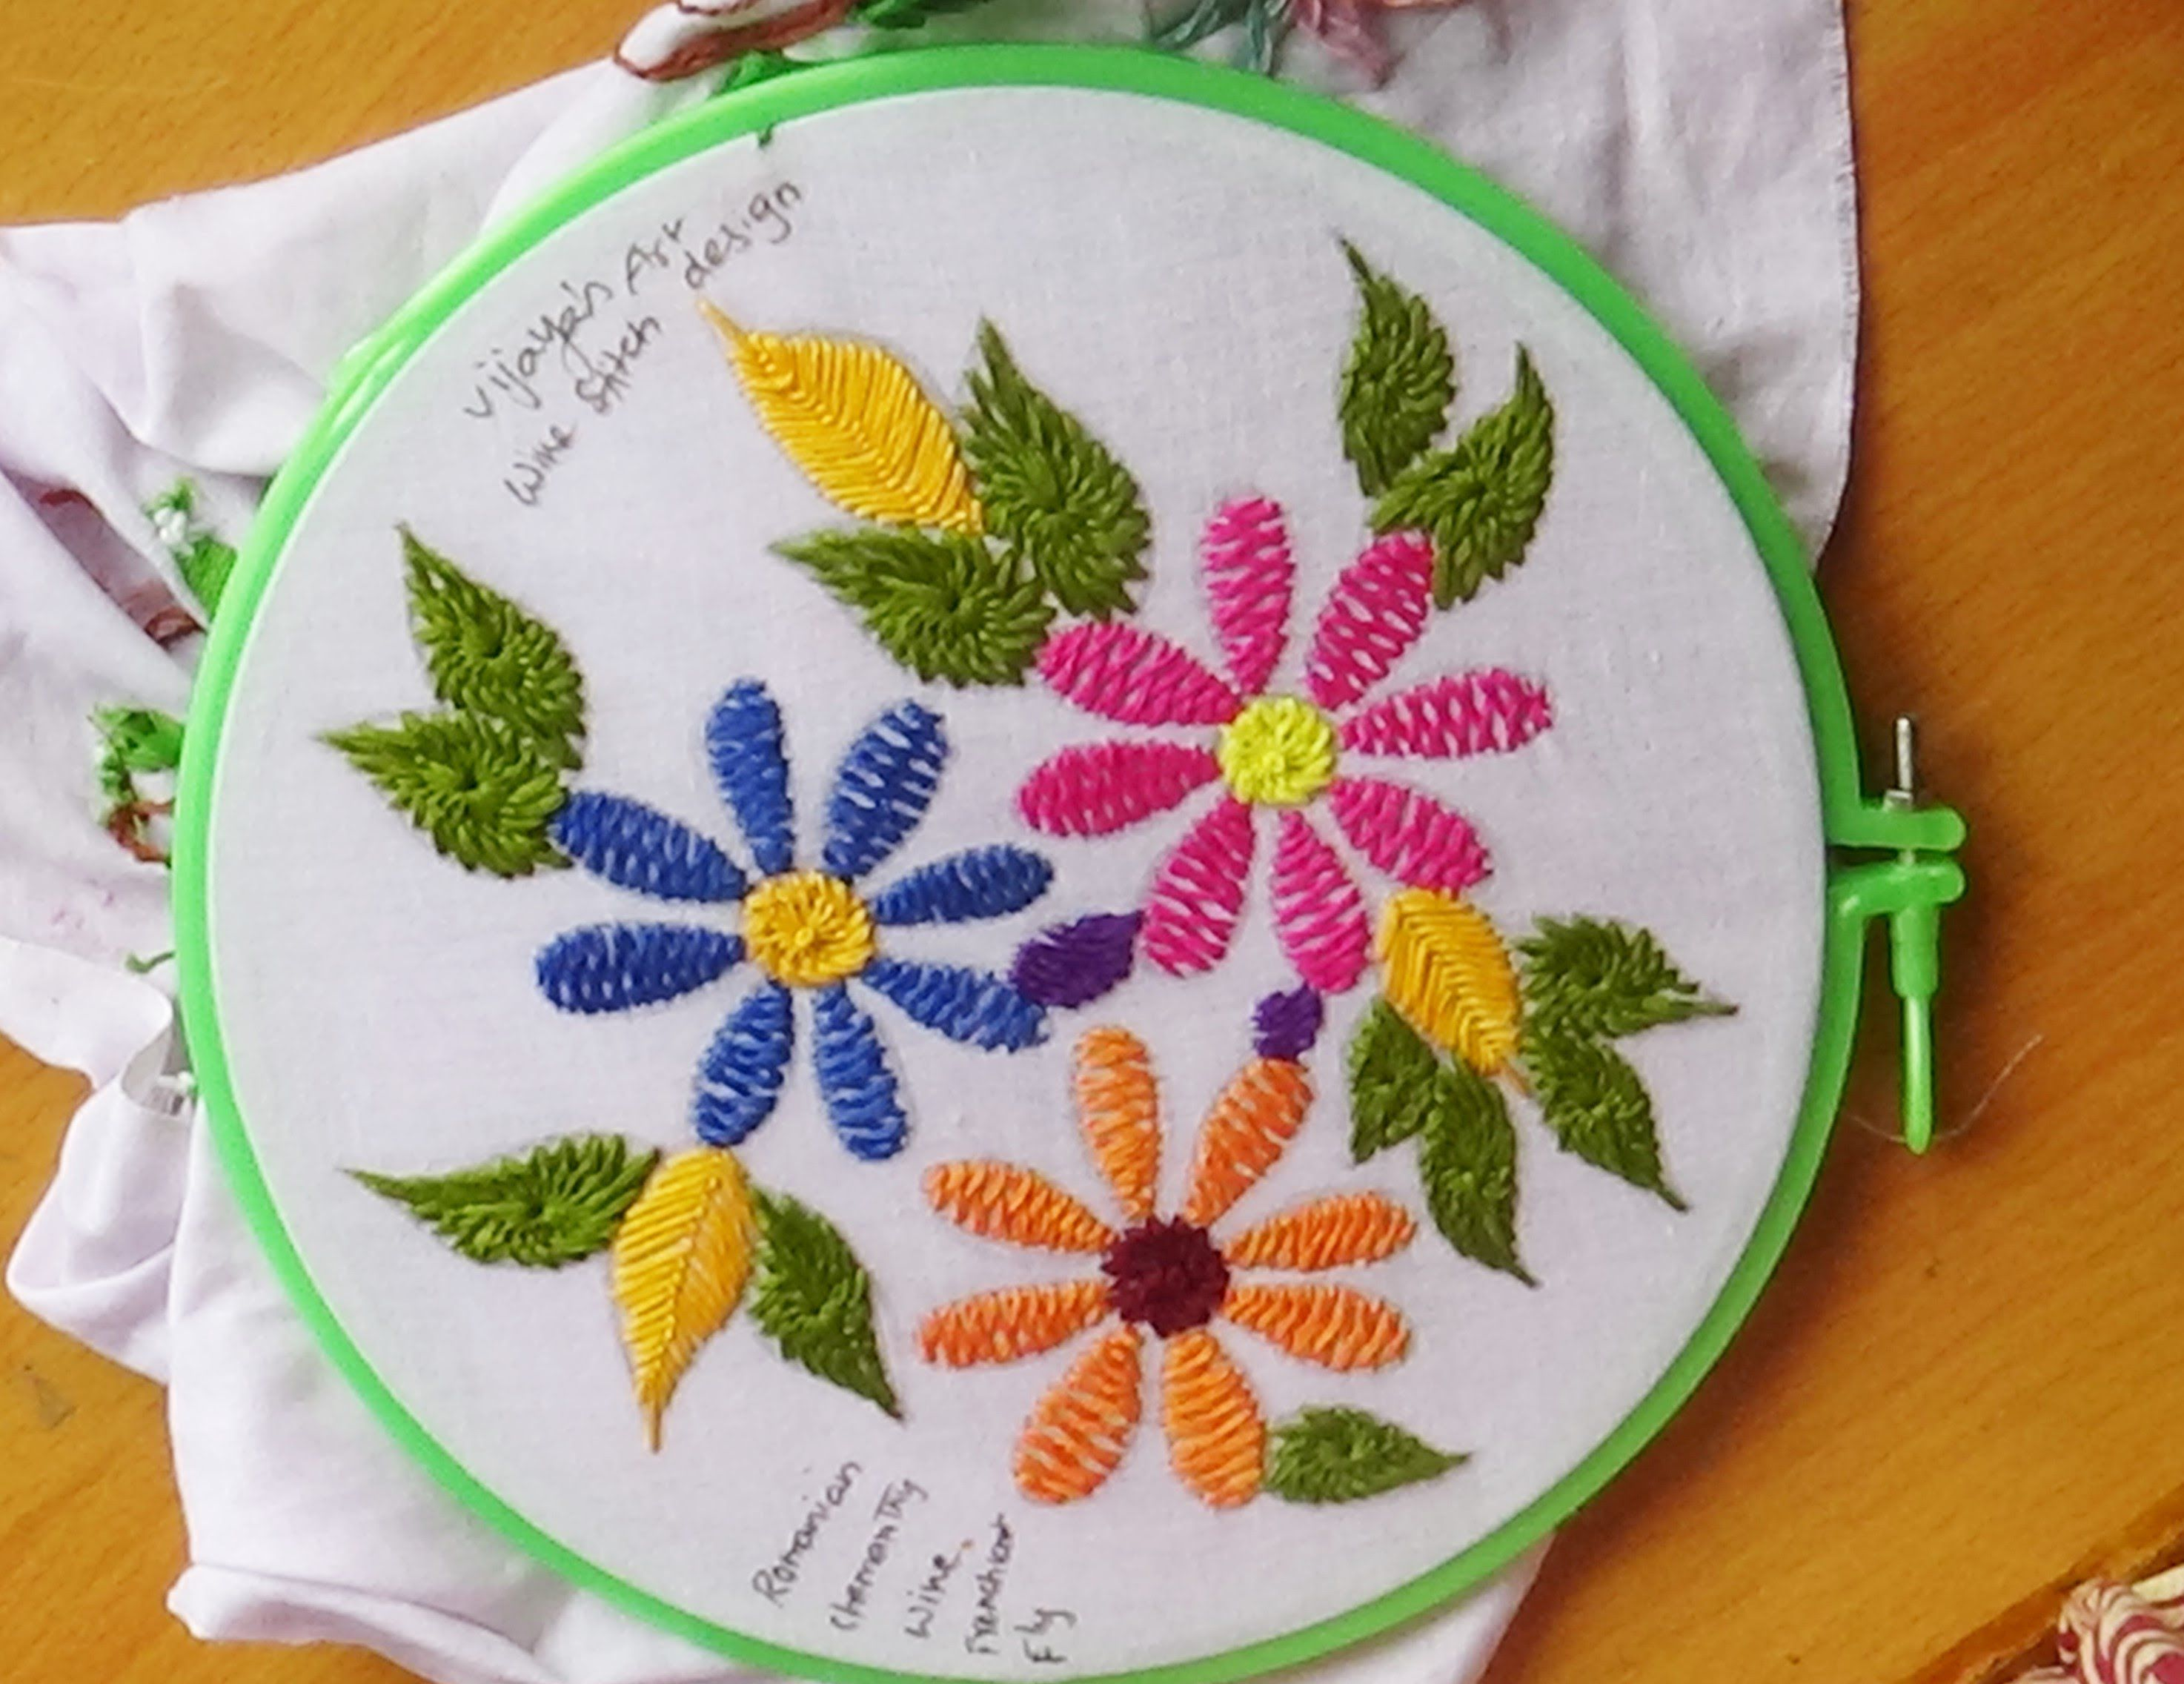 Hand embroidery designs wine stitch flower design